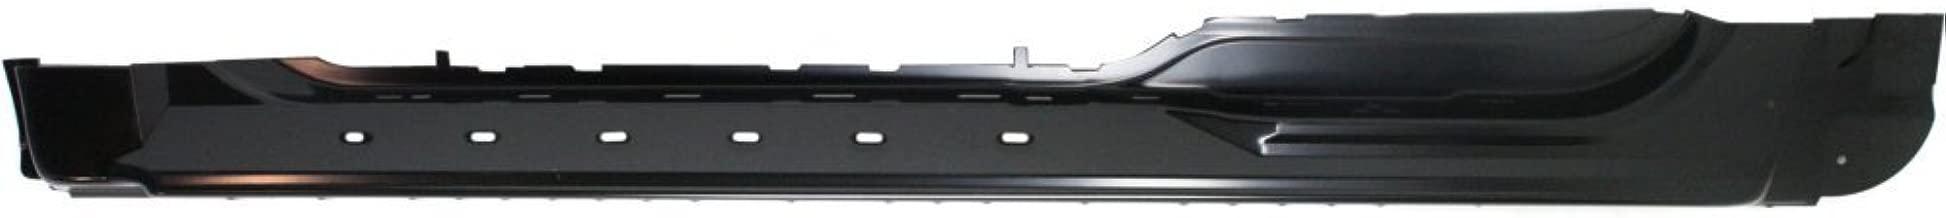 Rocker Panel for Ford F-150 98-03 Left Super Cab (3/4-Door) Steel Primed